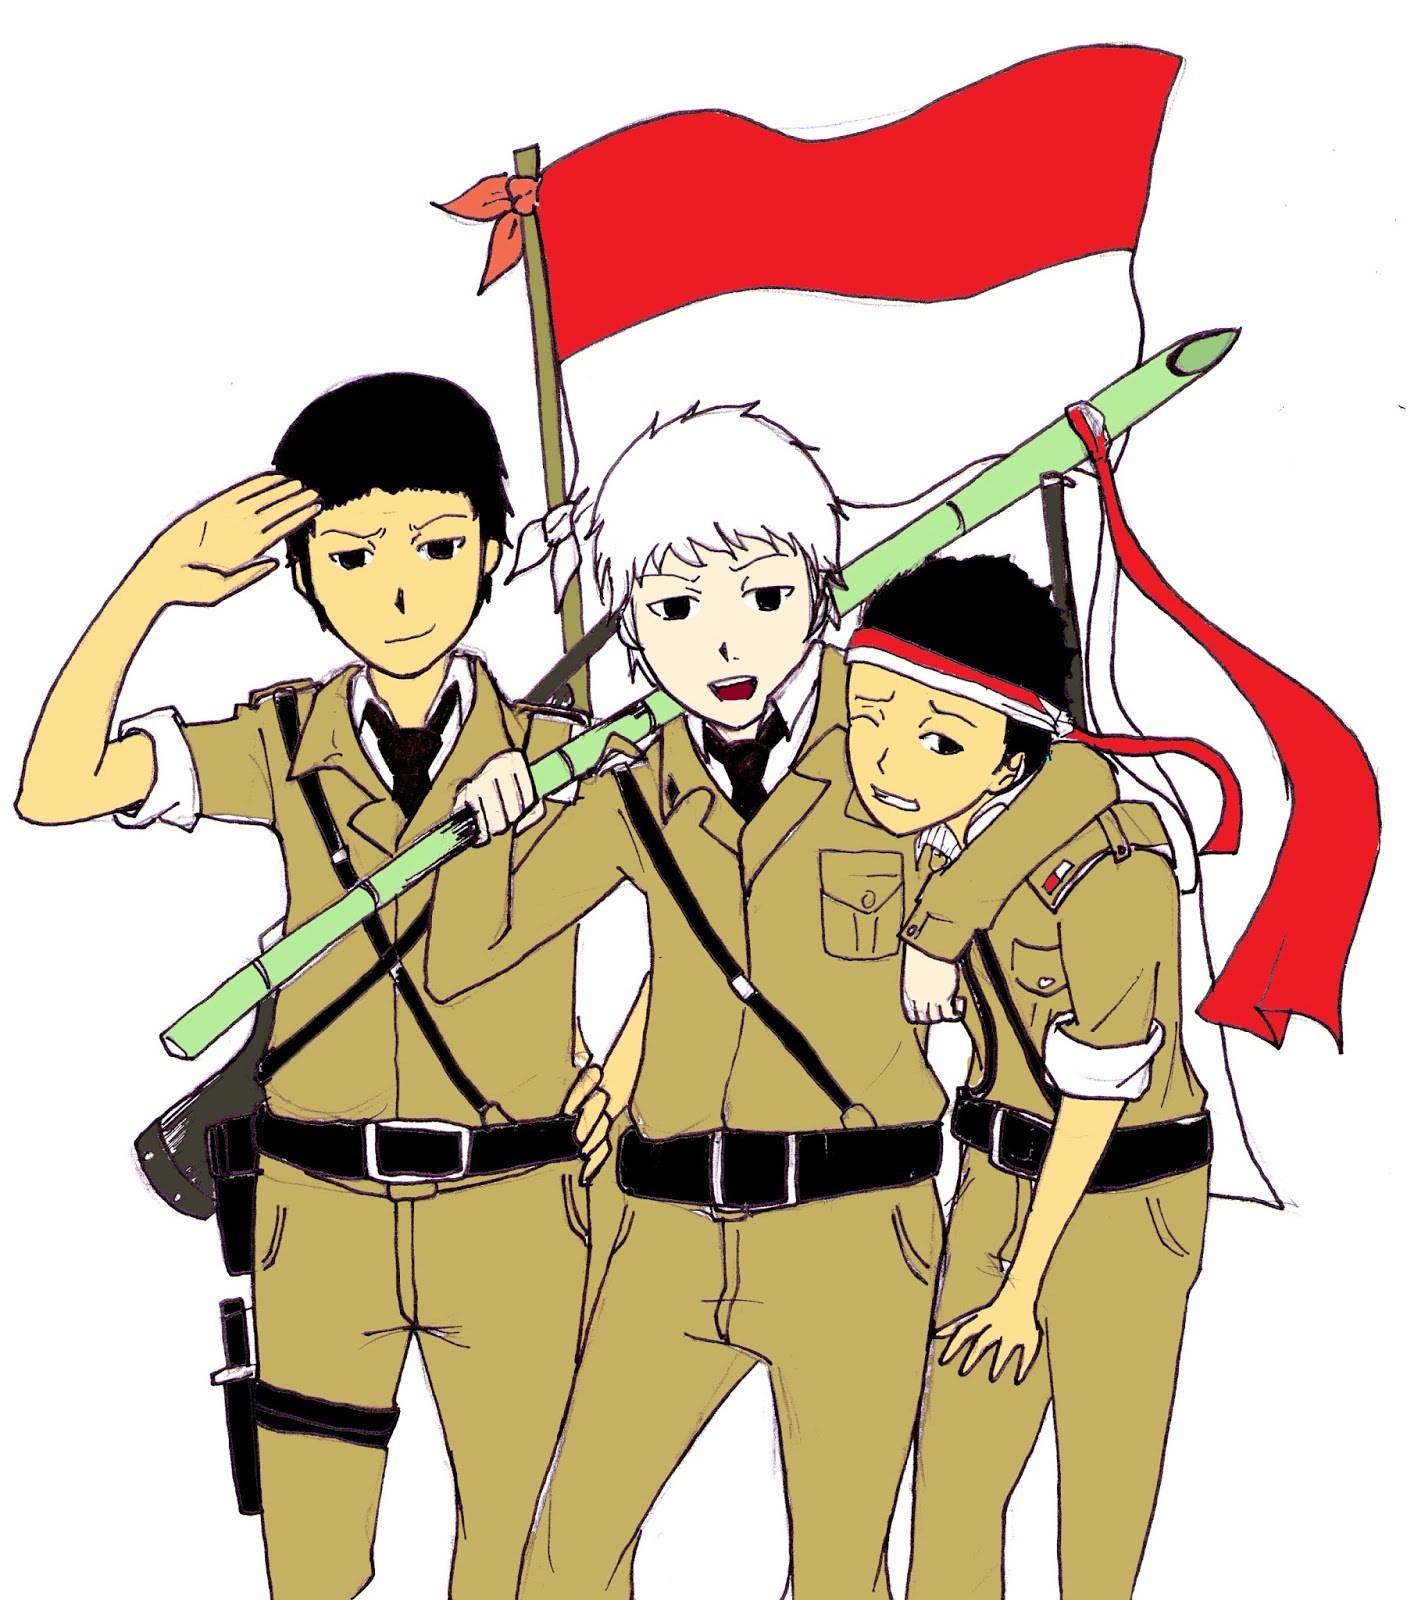 Kumpulan Animasi Politik Indonesia Kantor Meme